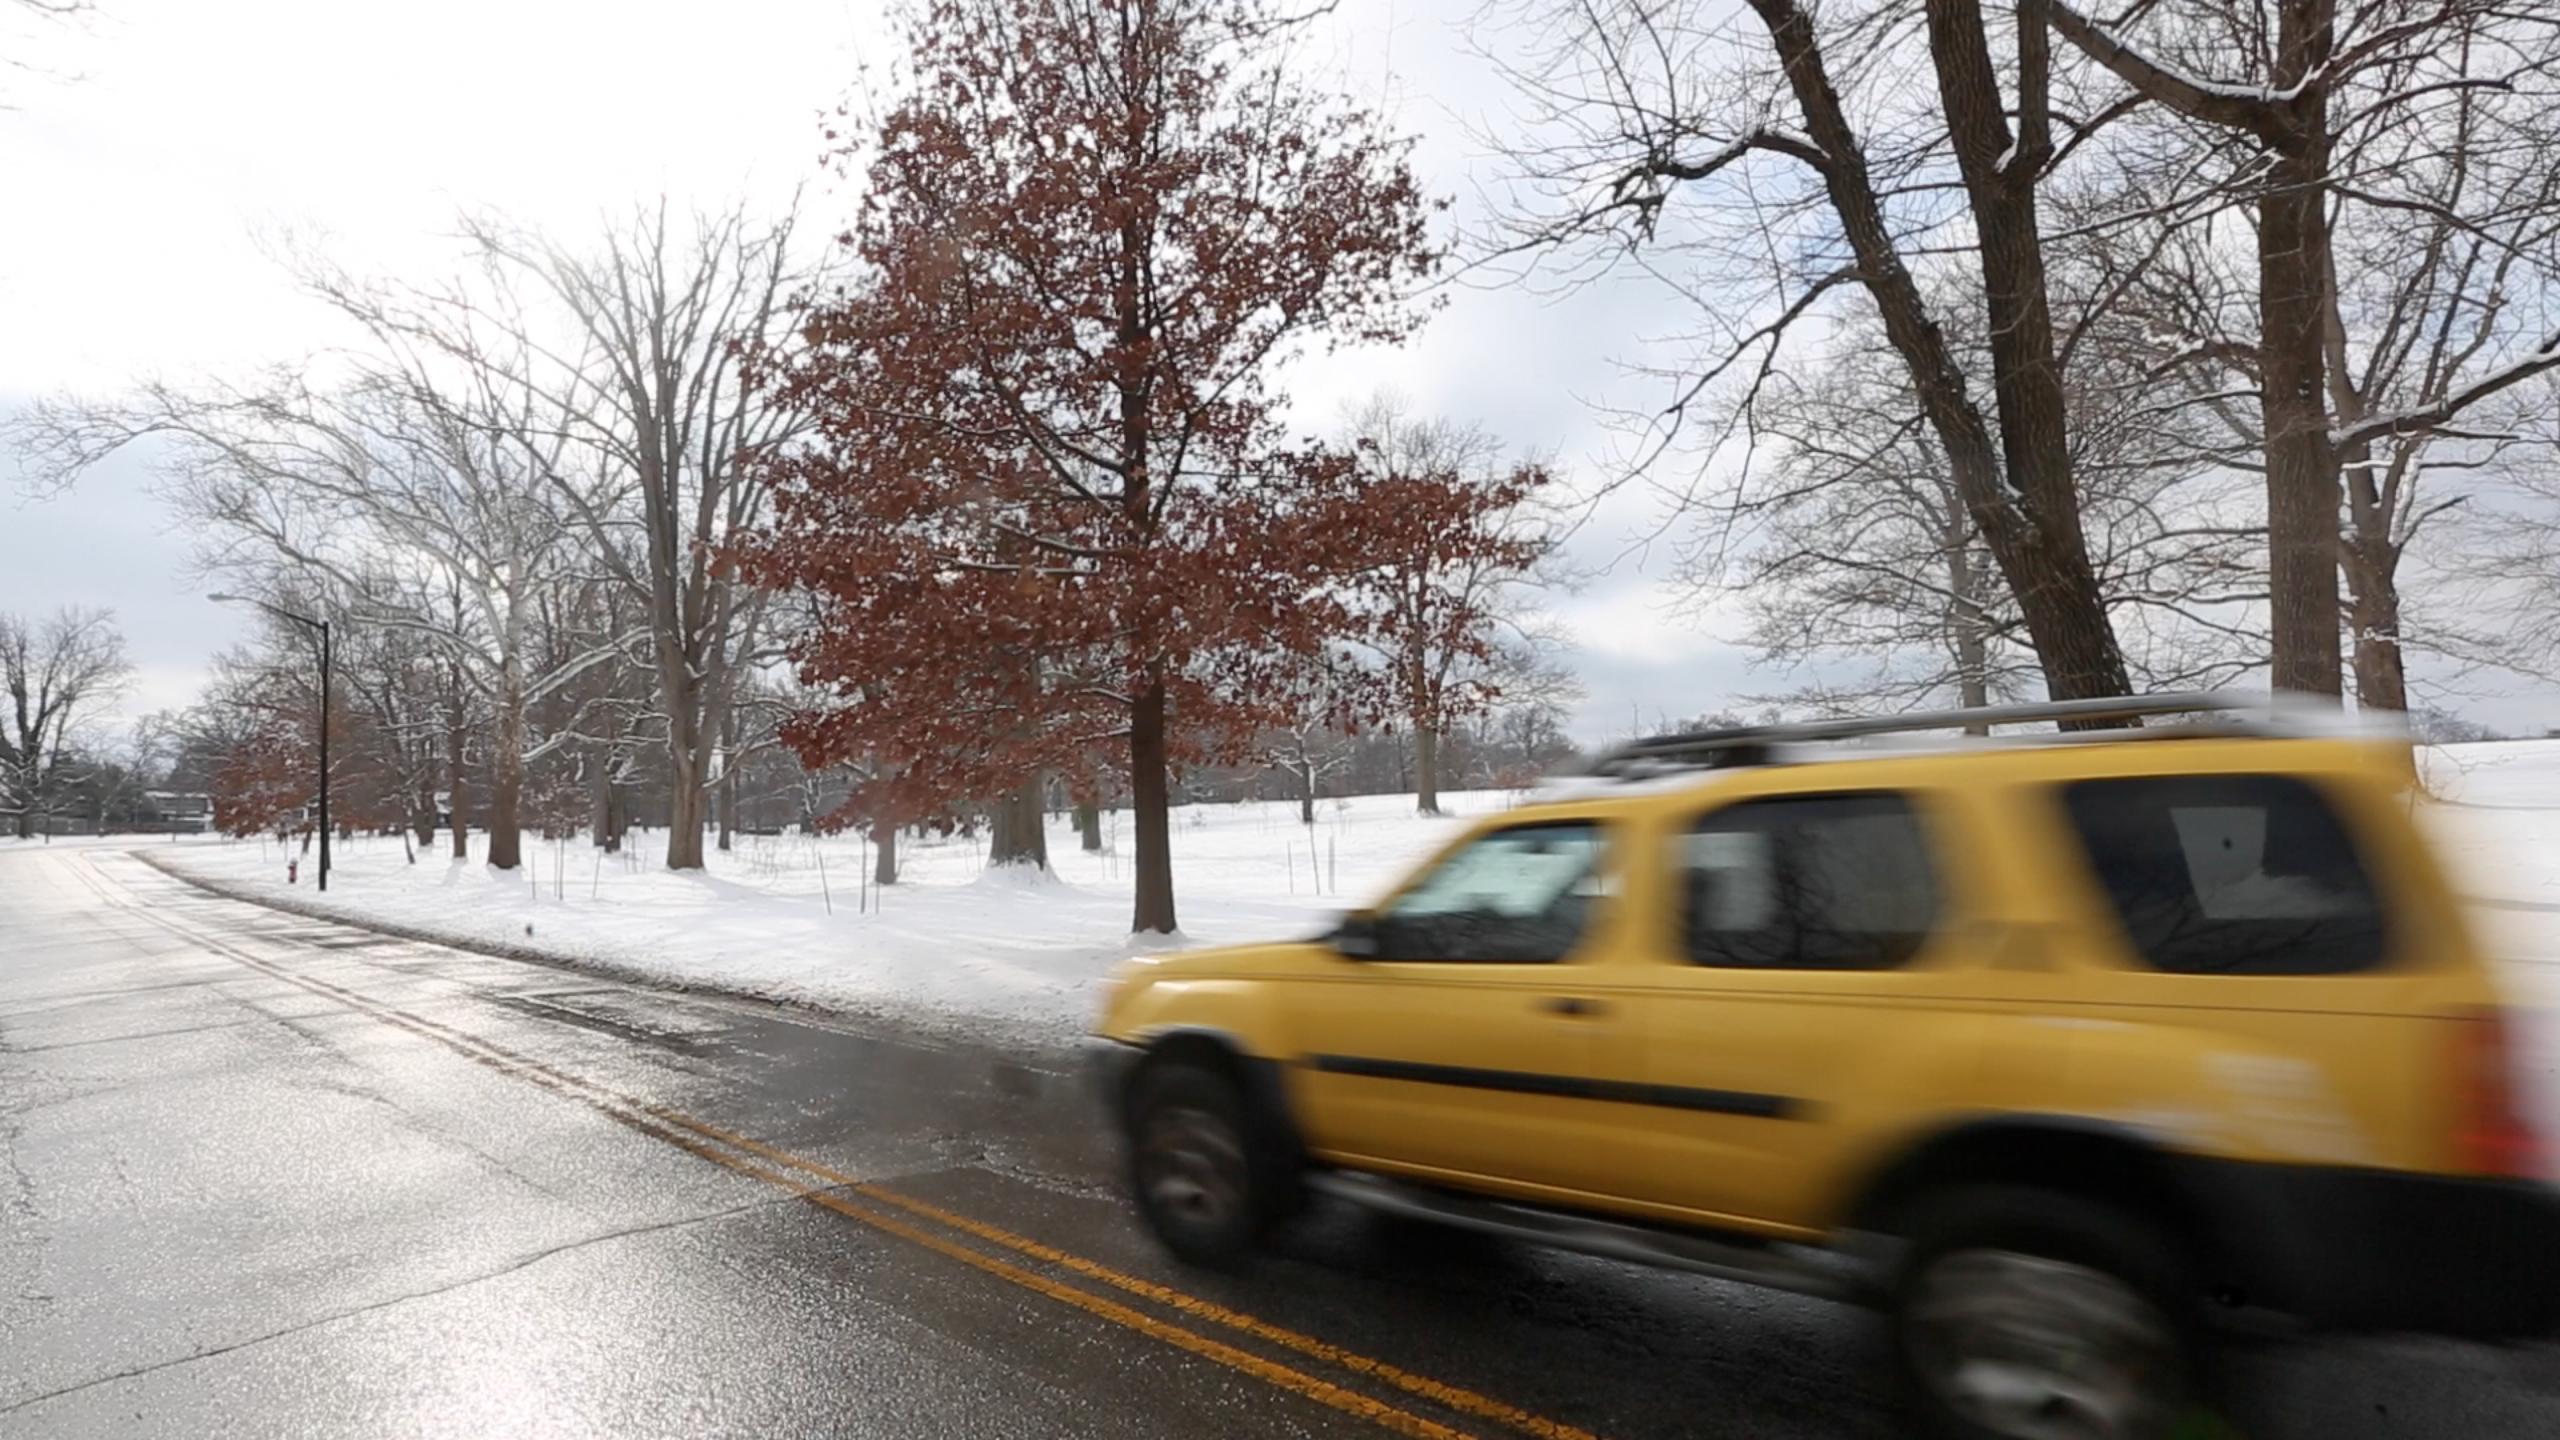 Slick Roads Lead Jcps, Other Schools To Close regarding West Clark Community School Schedule